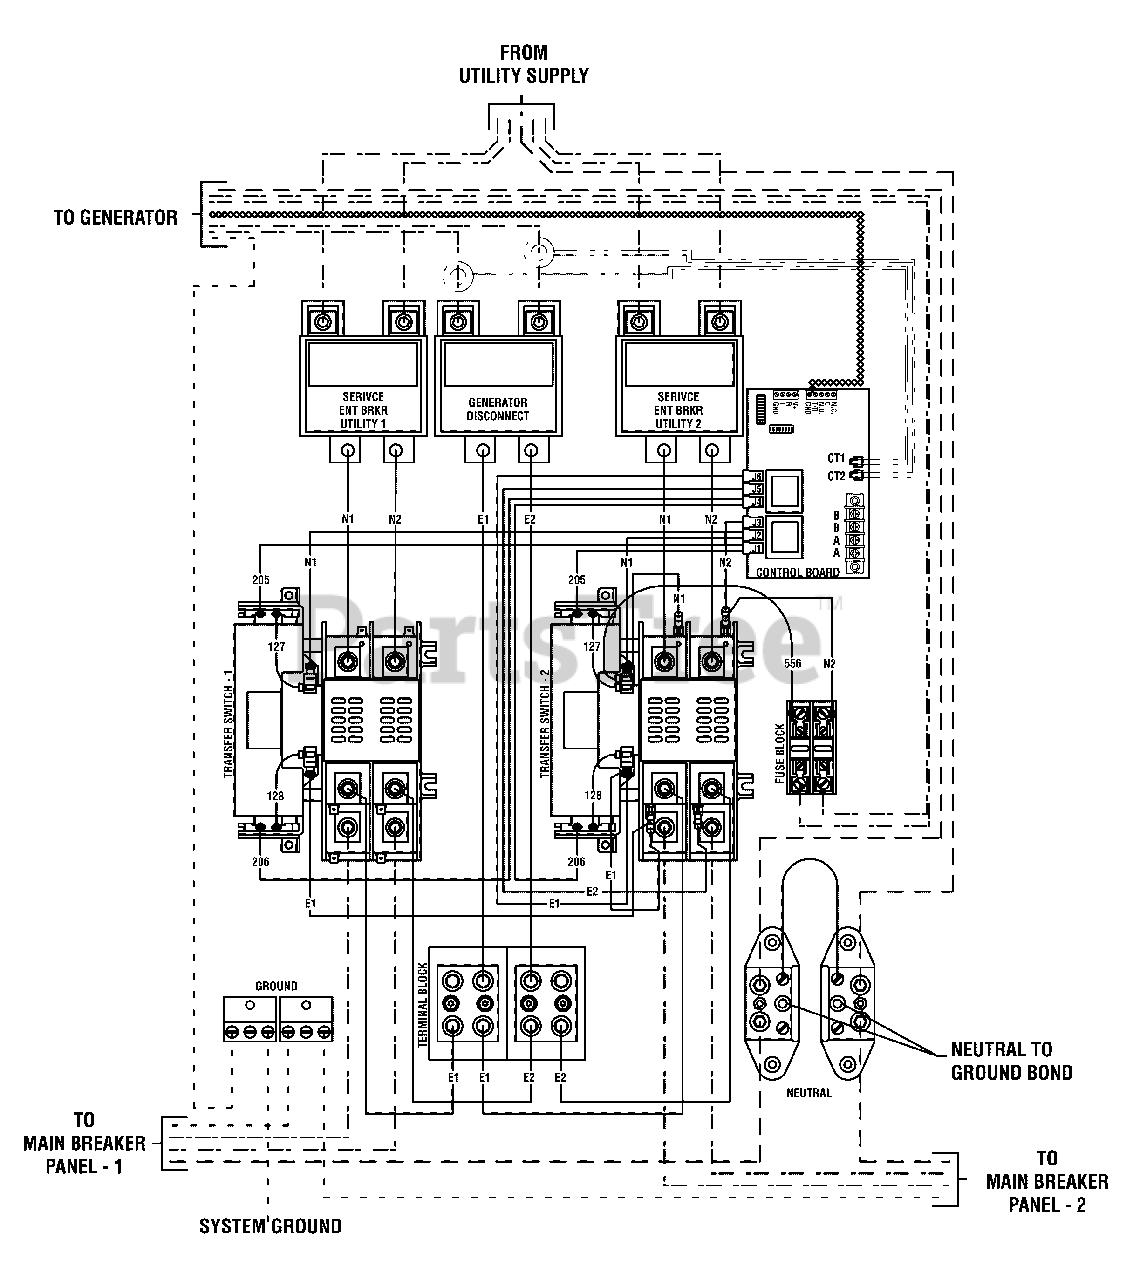 200 amp wire diagram briggs   stratton 071058 0 briggs   stratton dual 200 amp split  briggs   stratton dual 200 amp